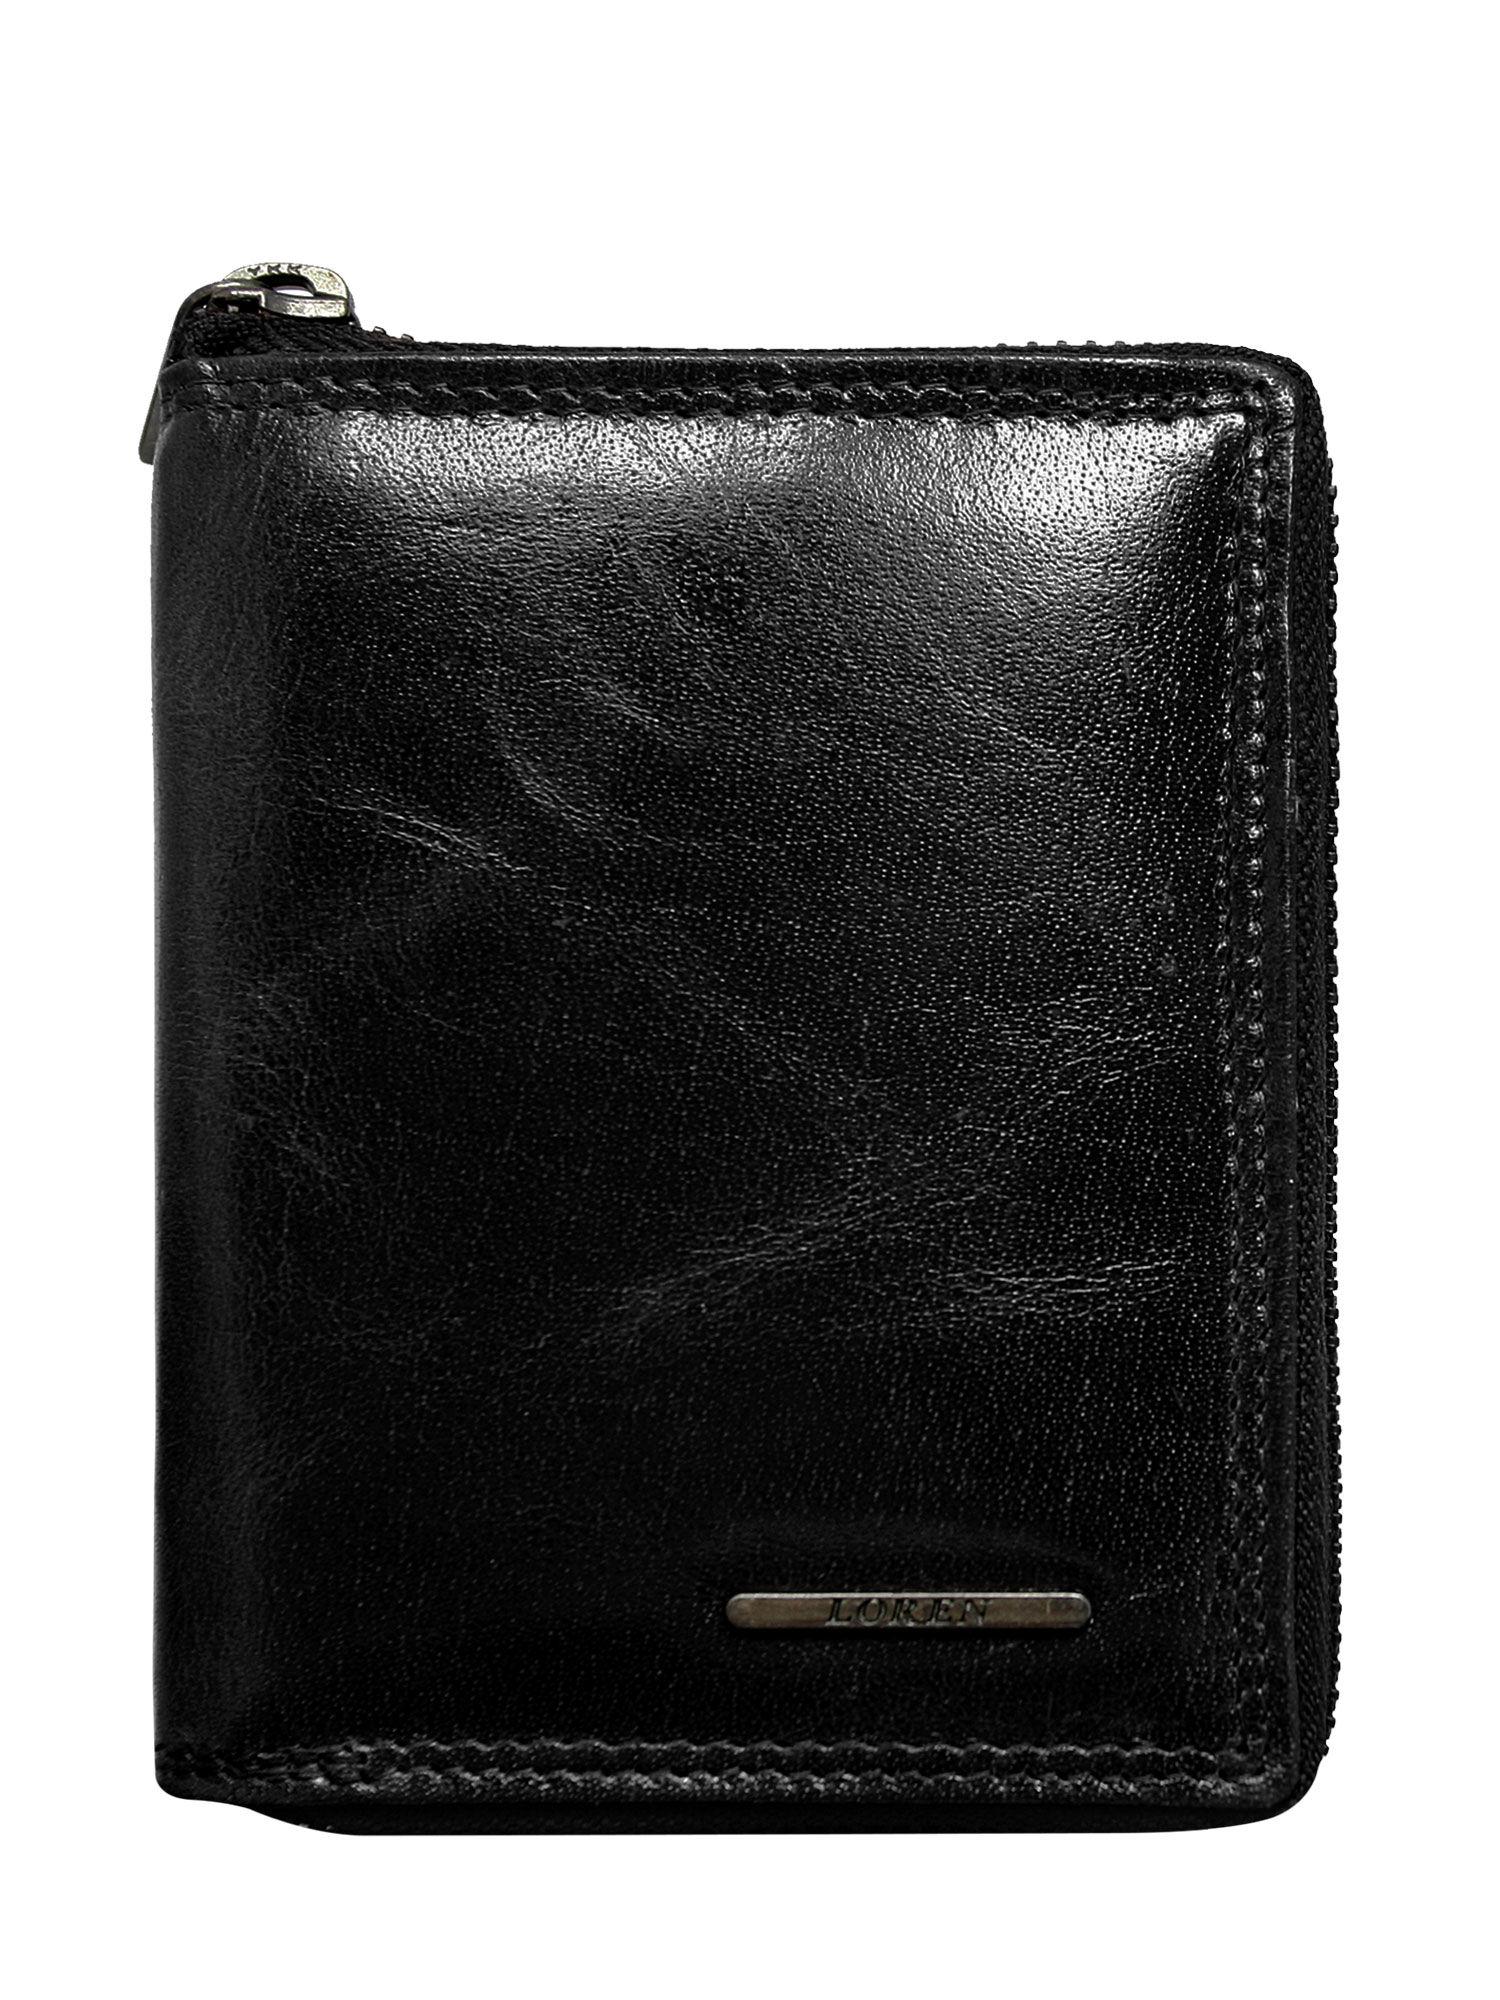 3c4798a217f0d Czarny skórzany portfel zapinany na suwak - Mężczyźni portfel męski ...